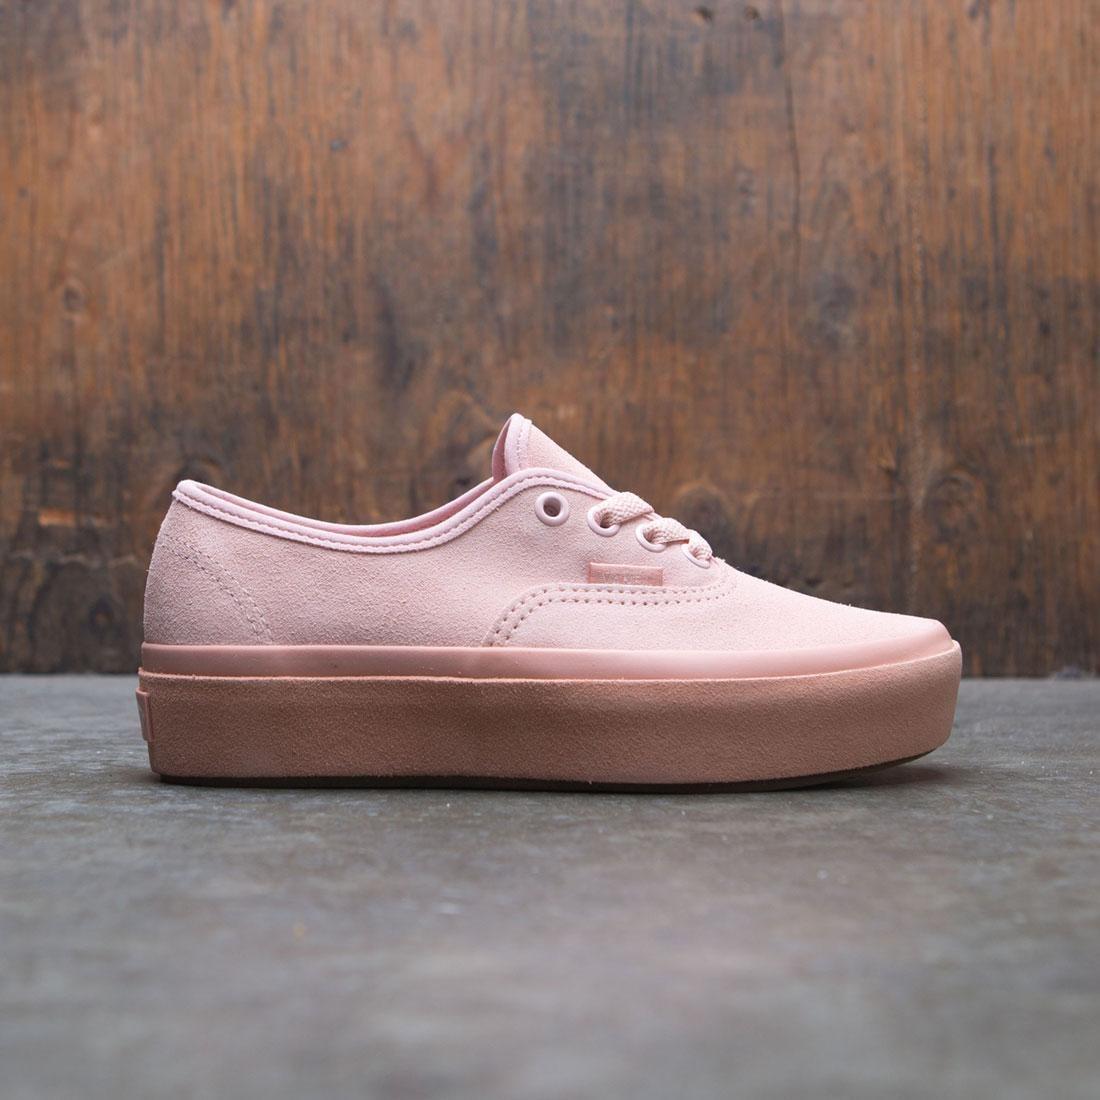 Vans Women Authentic Platform 2.0 pink